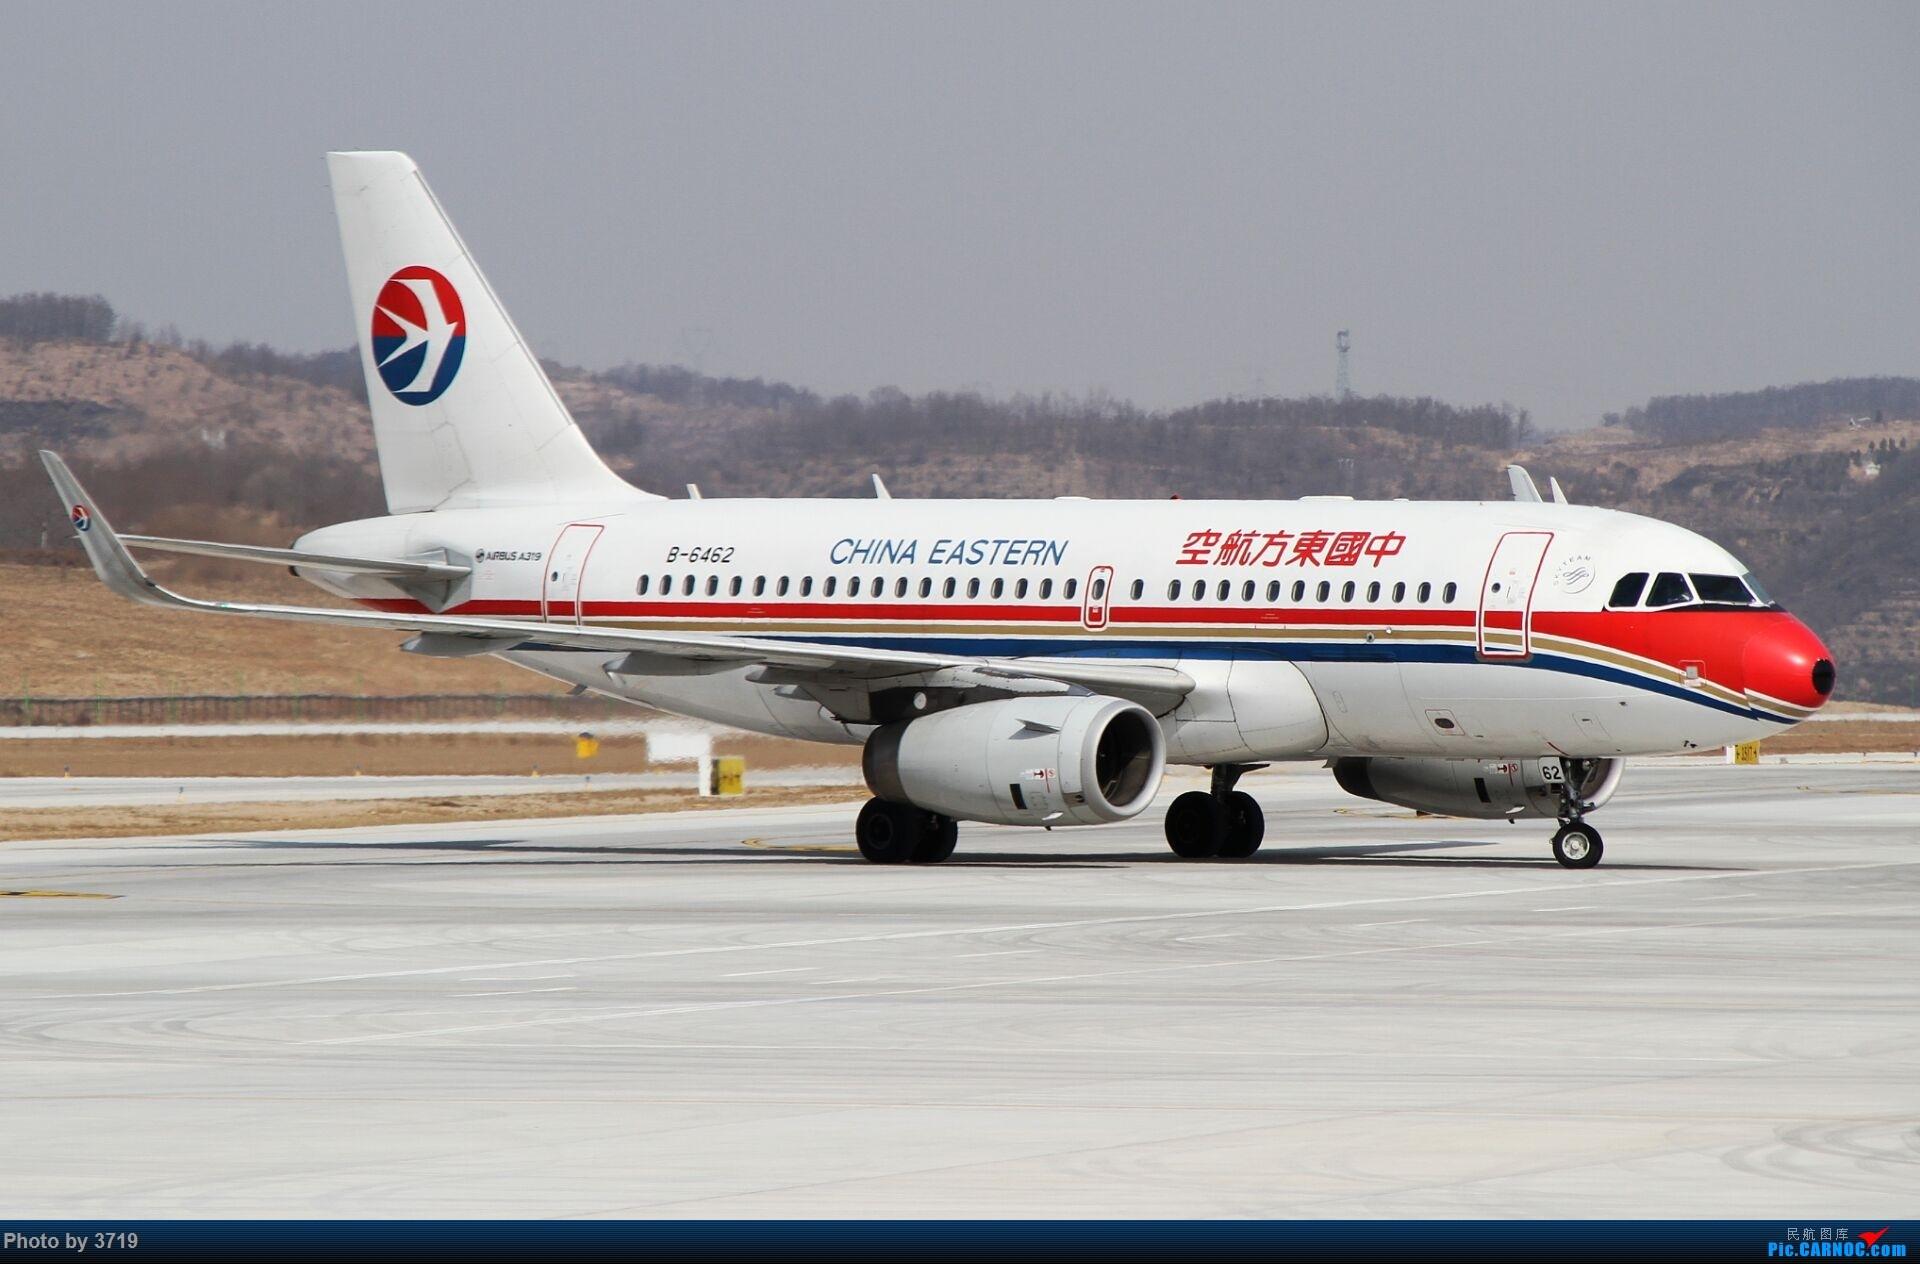 Re:[原创]延安南泥湾之黄金光 AIRBUS A319-100 B-6462 中国延安南泥湾机场